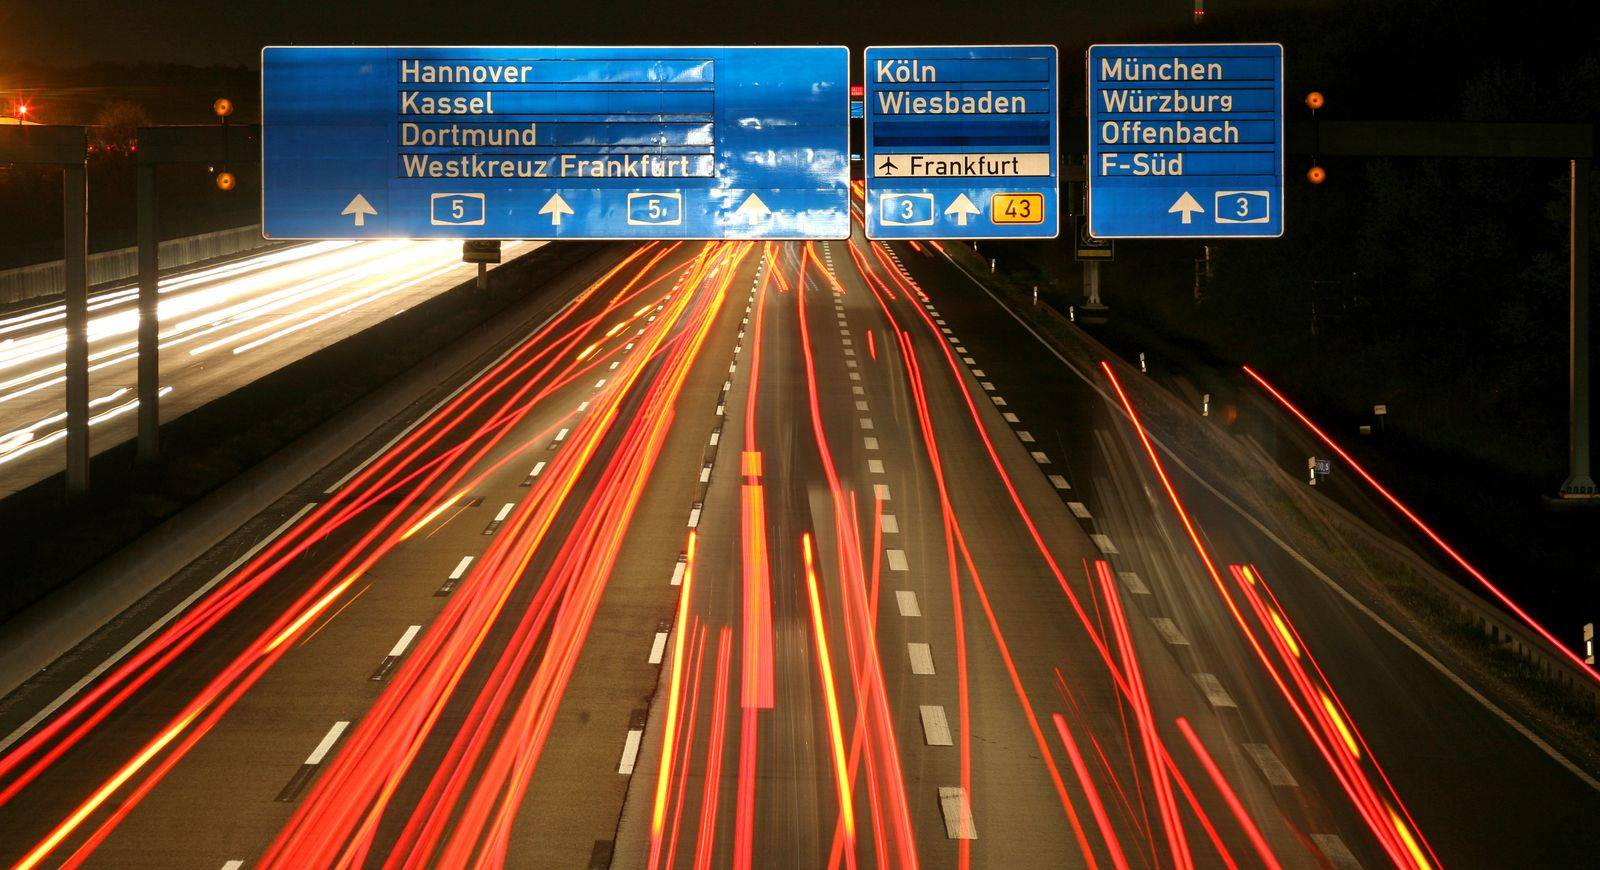 Чехия - автомобильные платные дороги, стоимость бензина, пдд и штрафы • autotraveler.ru